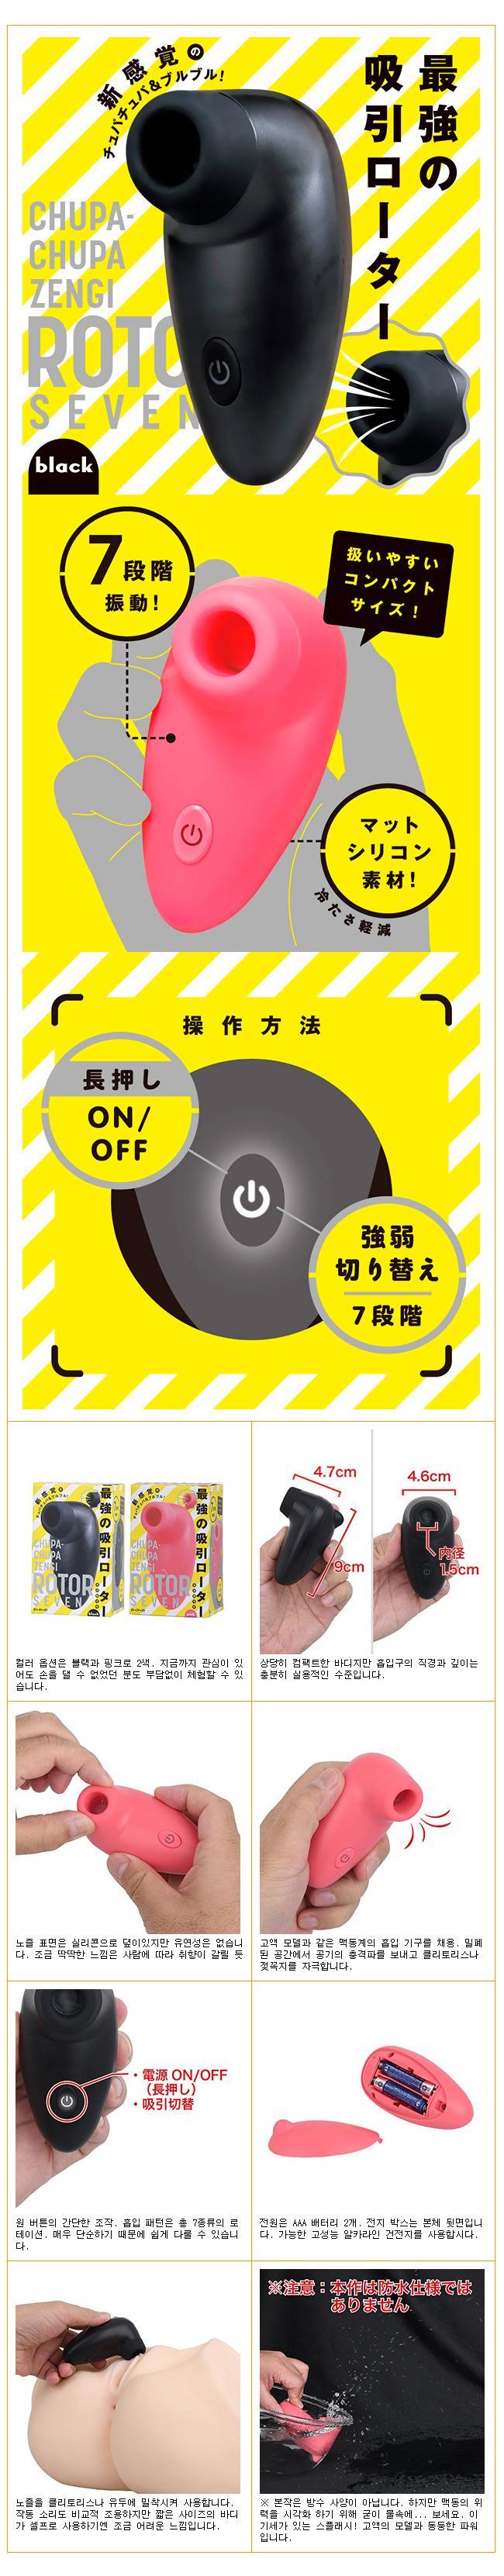 [일본 직수입] 츄파츄파 젠기로터 7(CHUPA-CHUPA ゼンギローター7)